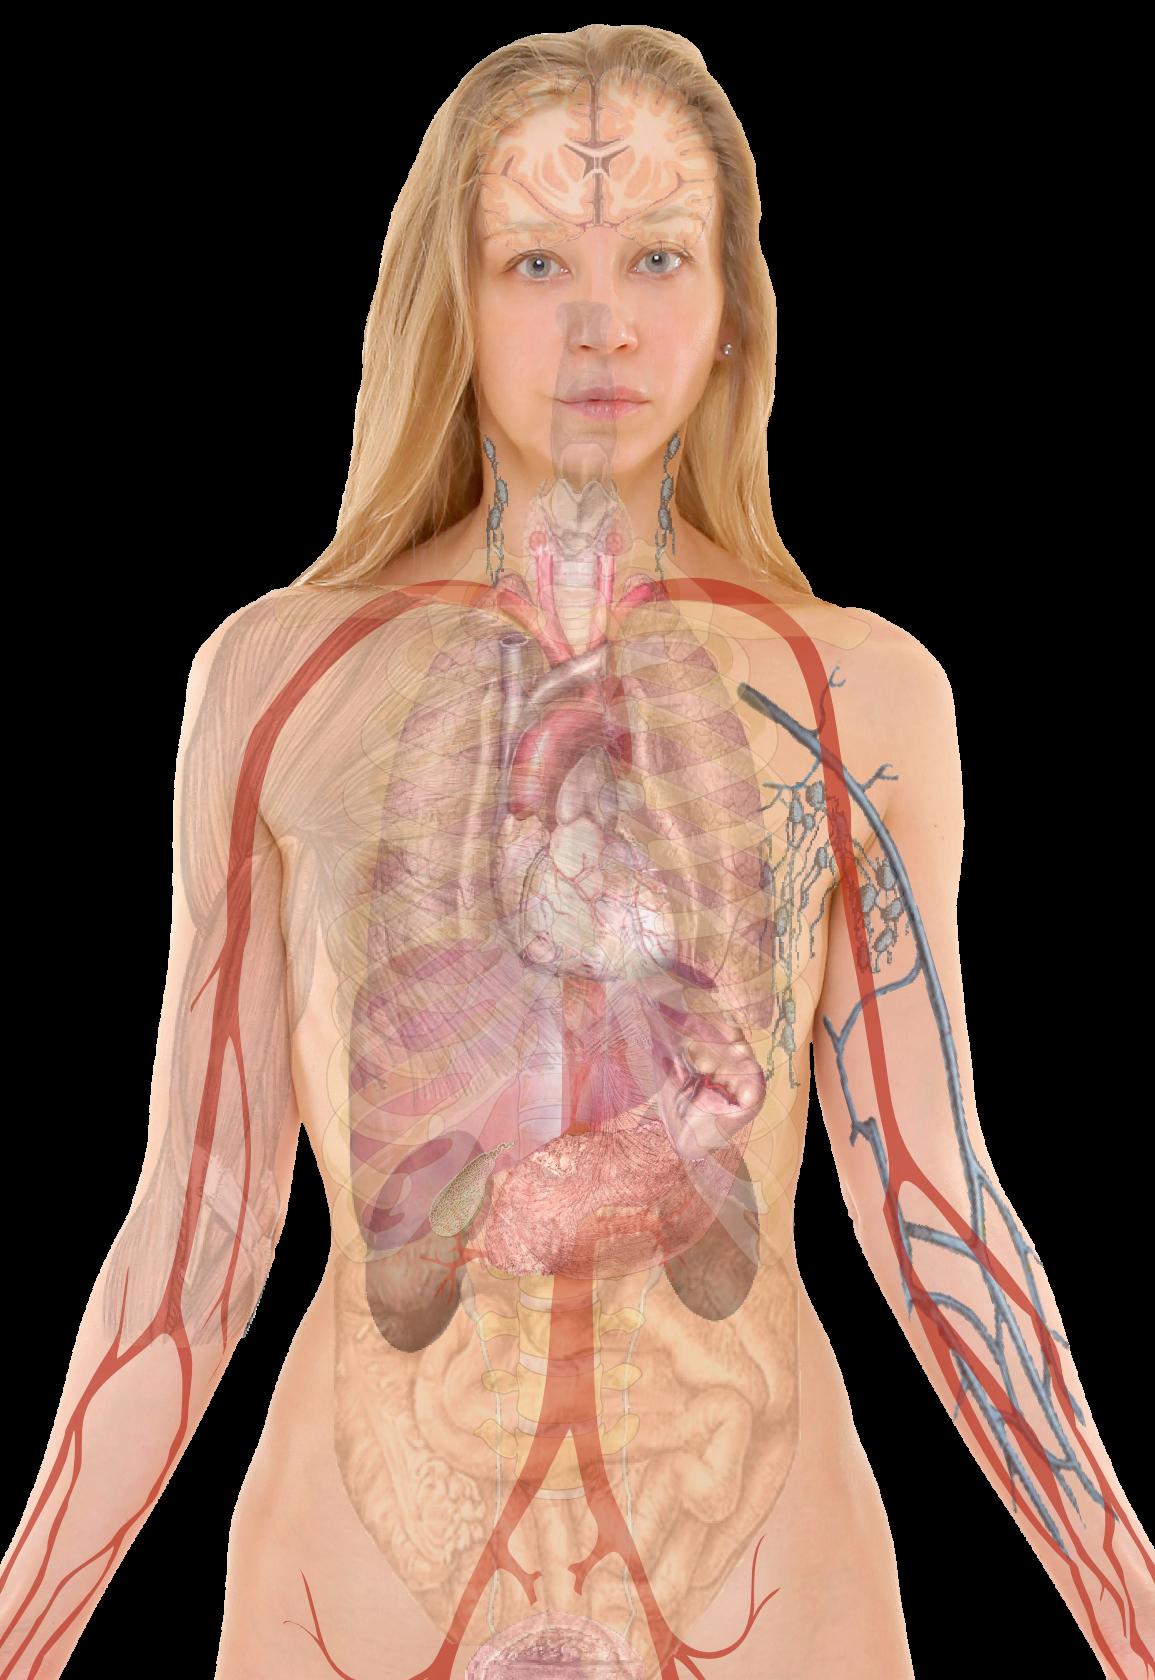 anatomy female genital | Female Anatomy | Pinterest | Anatomy